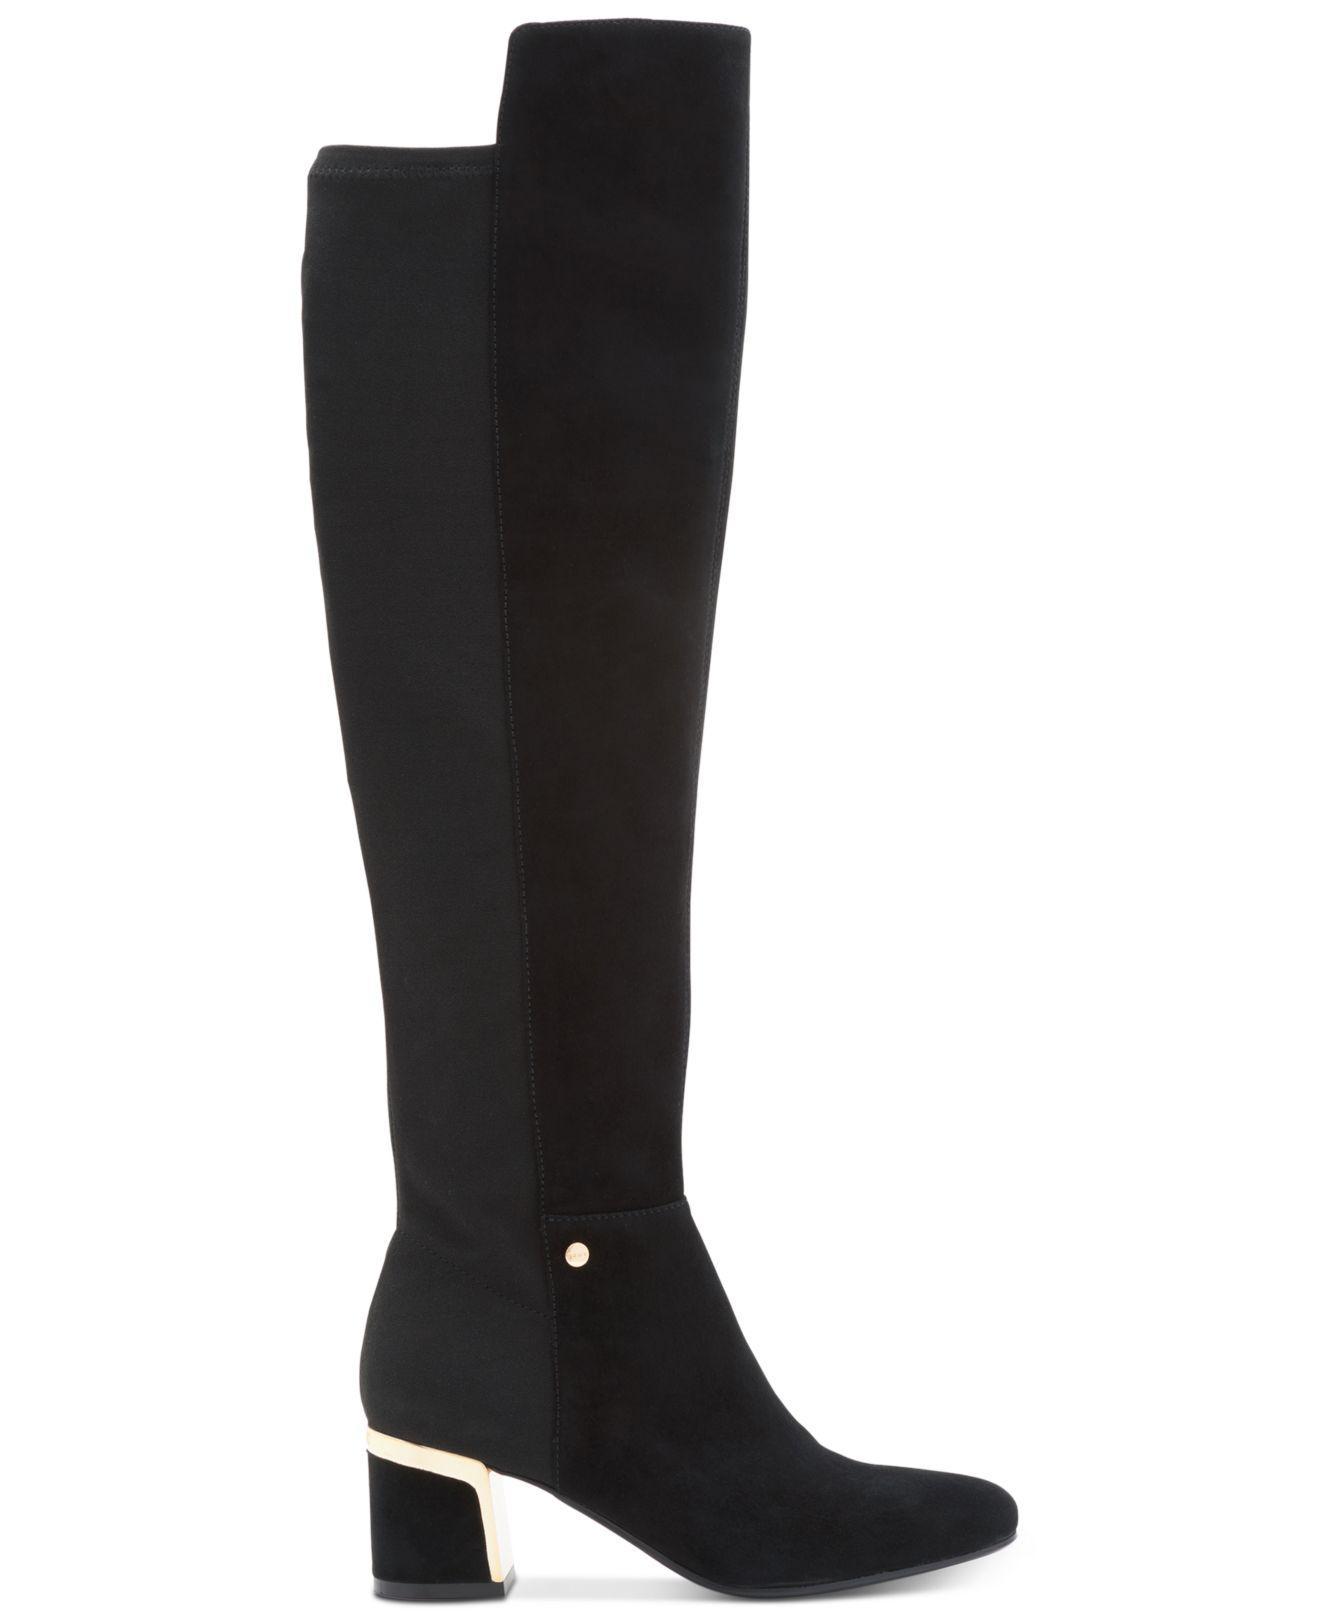 918b4b2b8c5 Lyst - DKNY Cora Wide Calf Boots